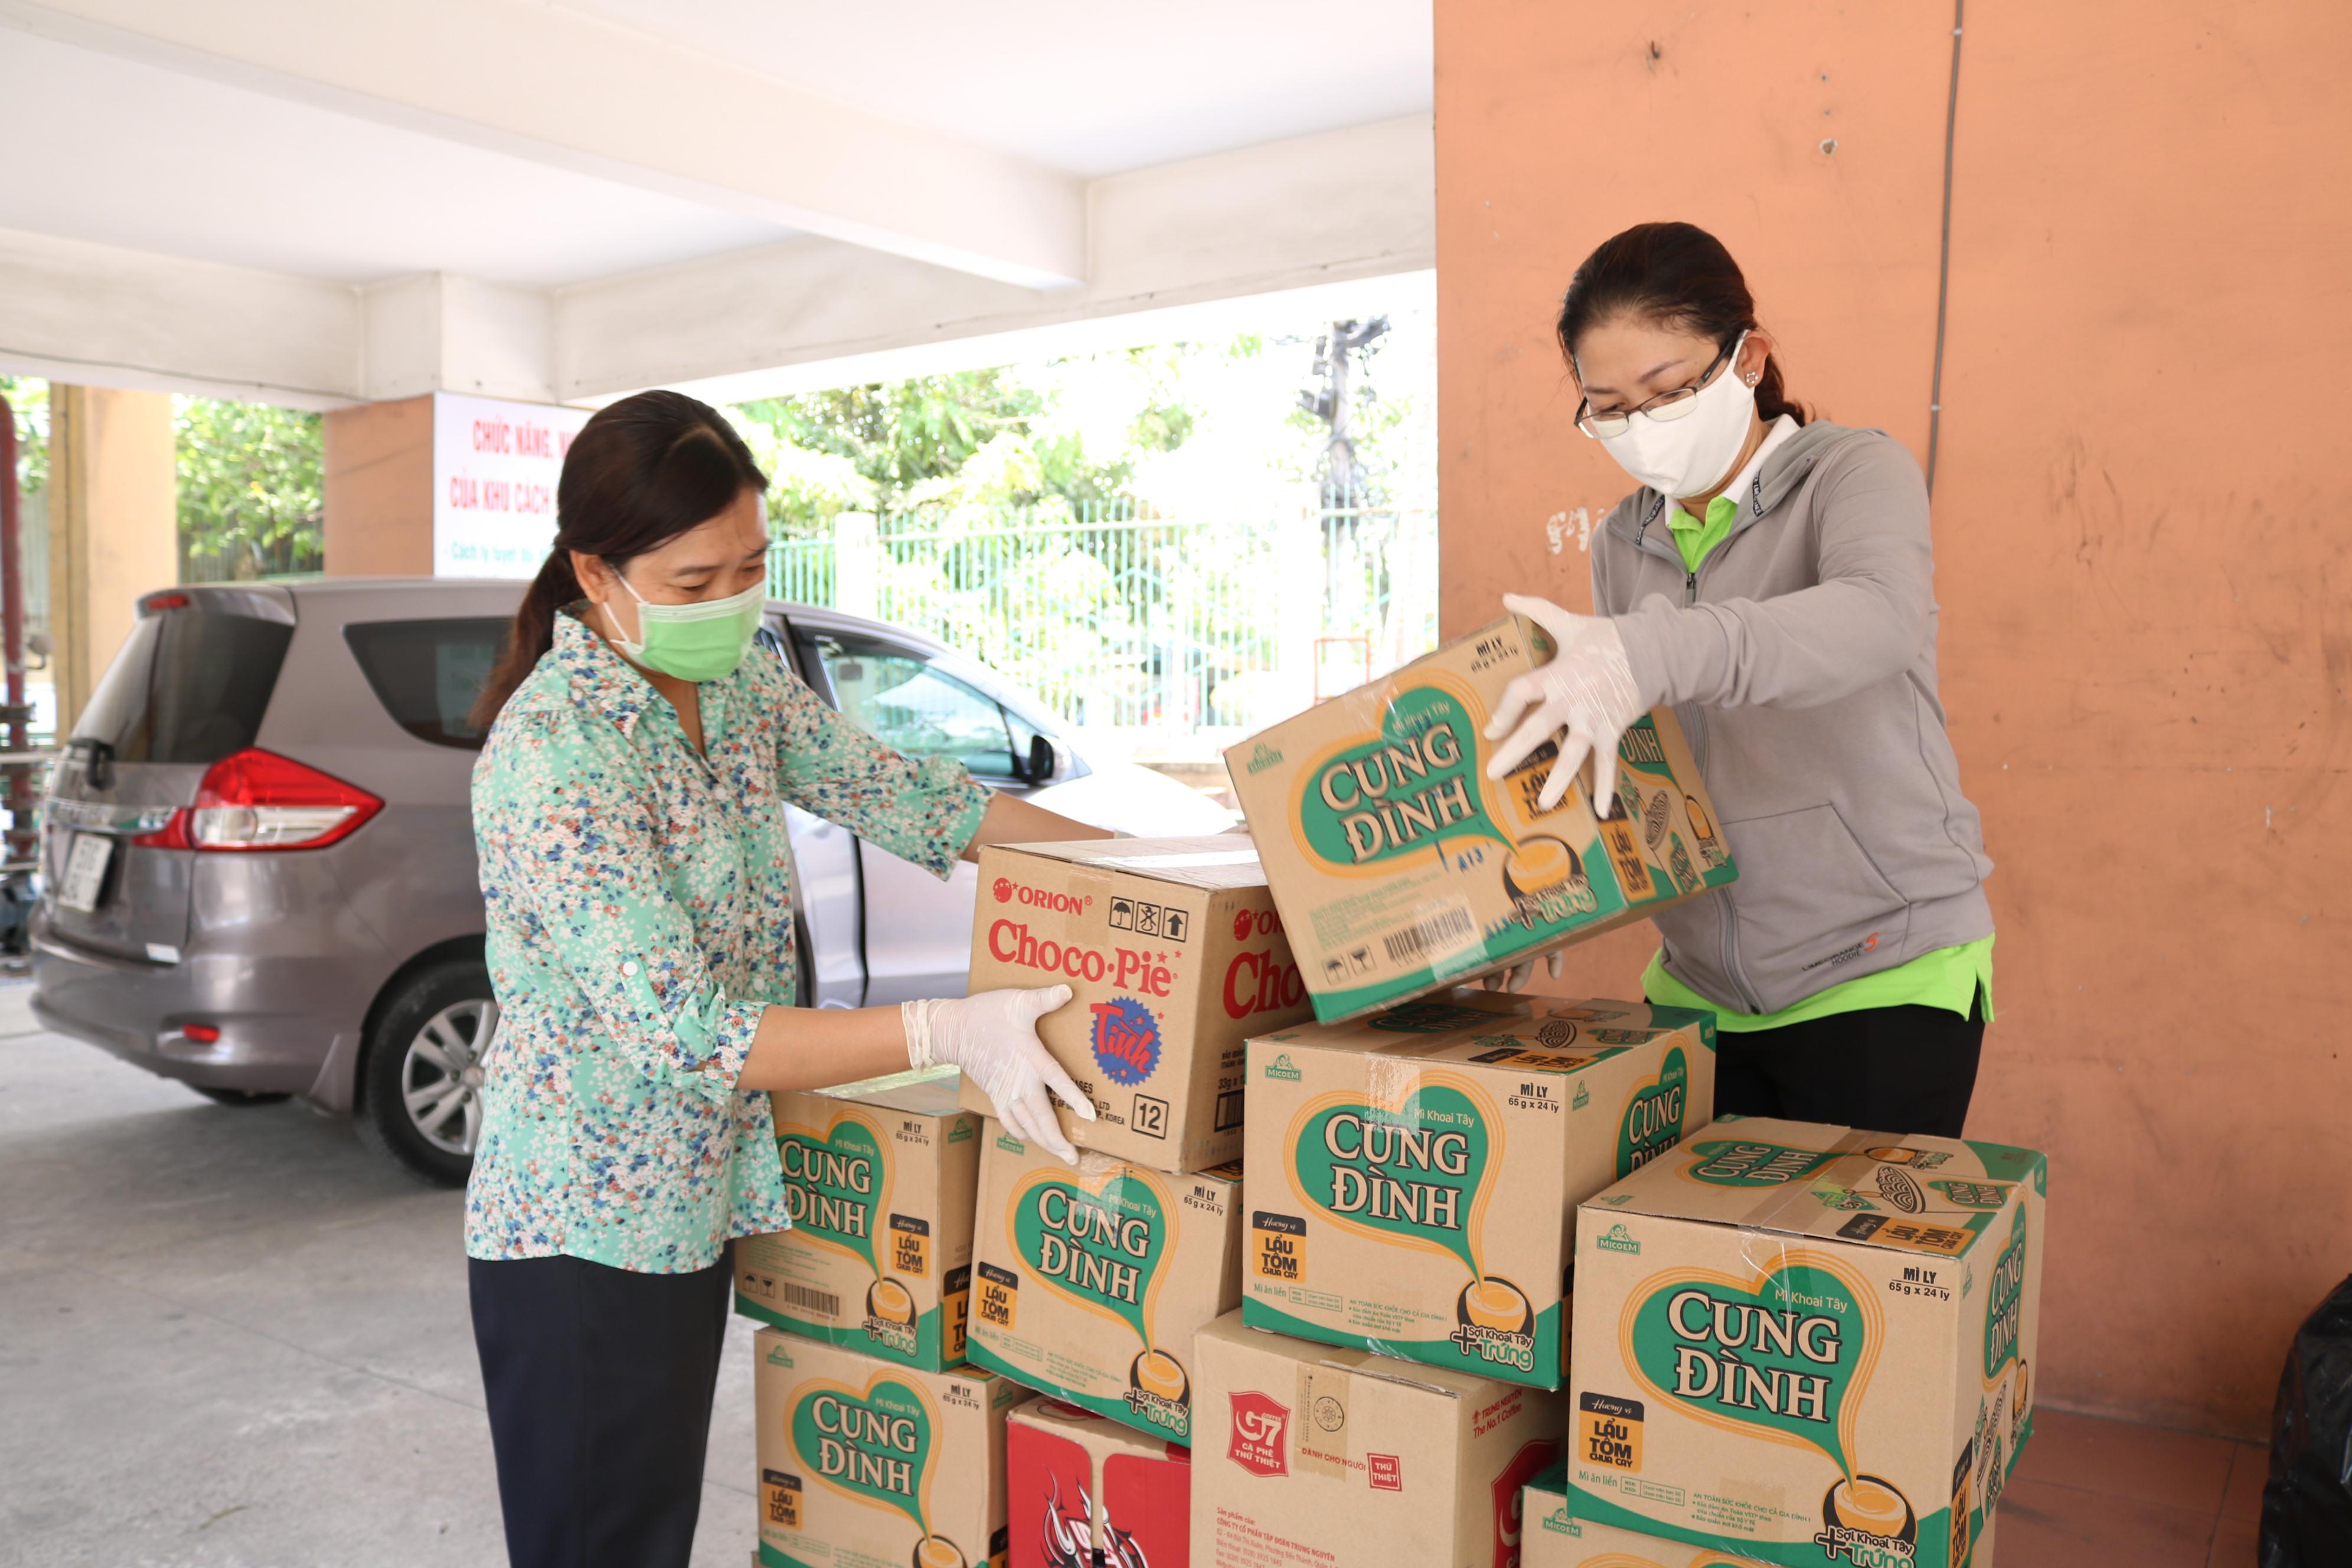 Cán bộ Hội LHPN quận 2 sắp xếp mì ly, cà phê gửi tặng Khu cách ly tập trung.